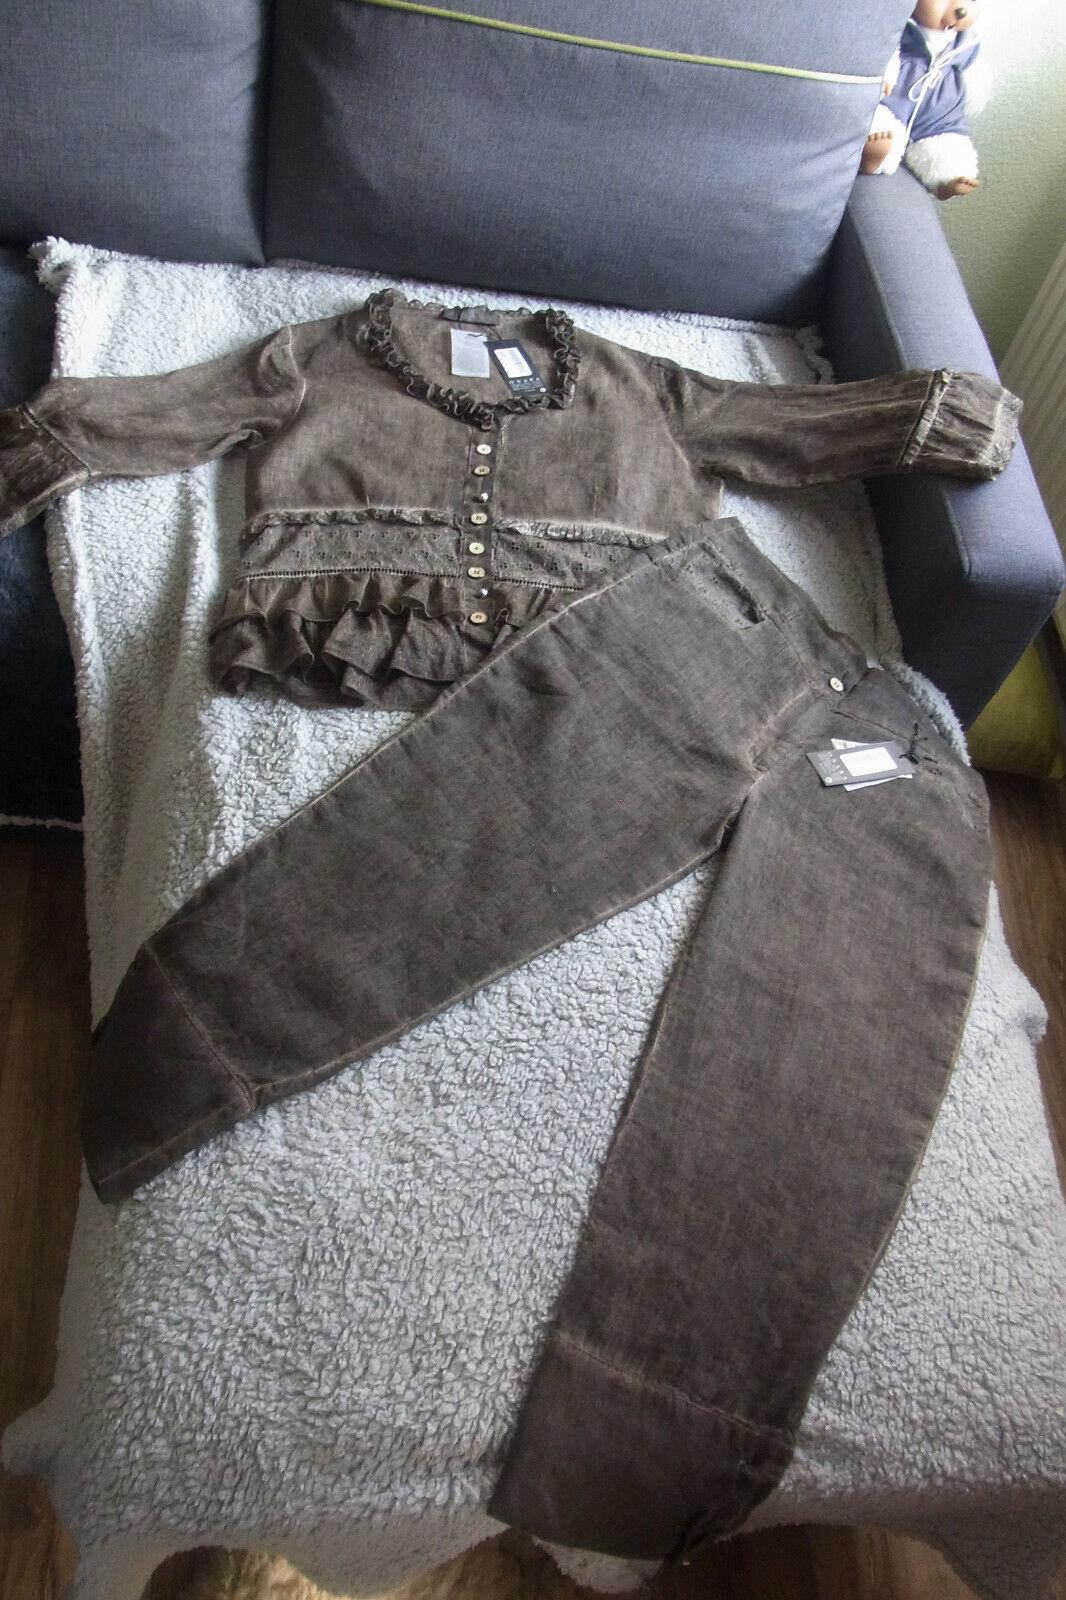 2 teiliges Set bestehend aus Bluse und Hose - Neu mit Etikett in Größe 40 / 42